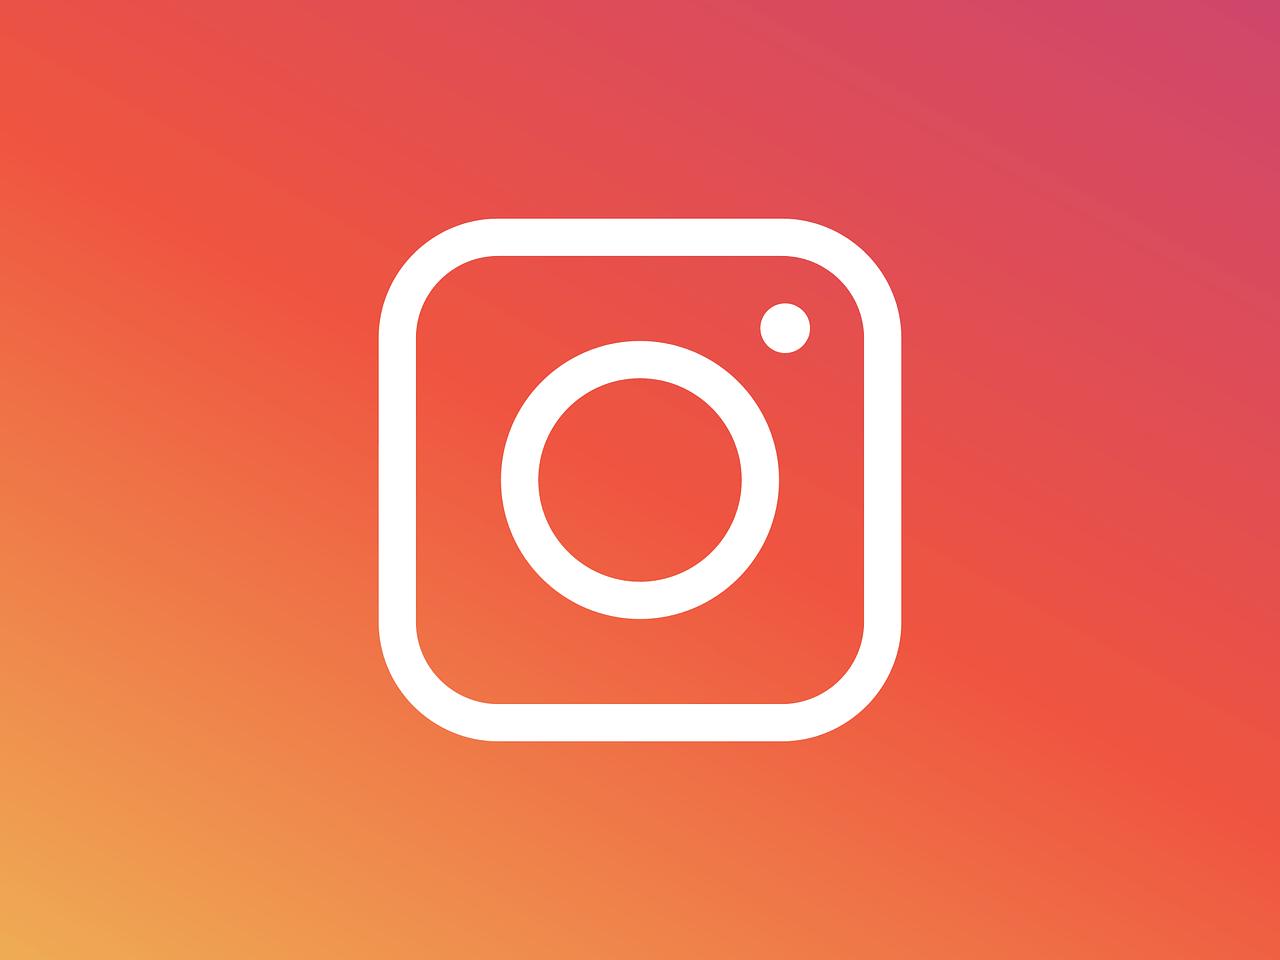 Instagram affiche désormais qui est connecté : comment cacher son activité ?